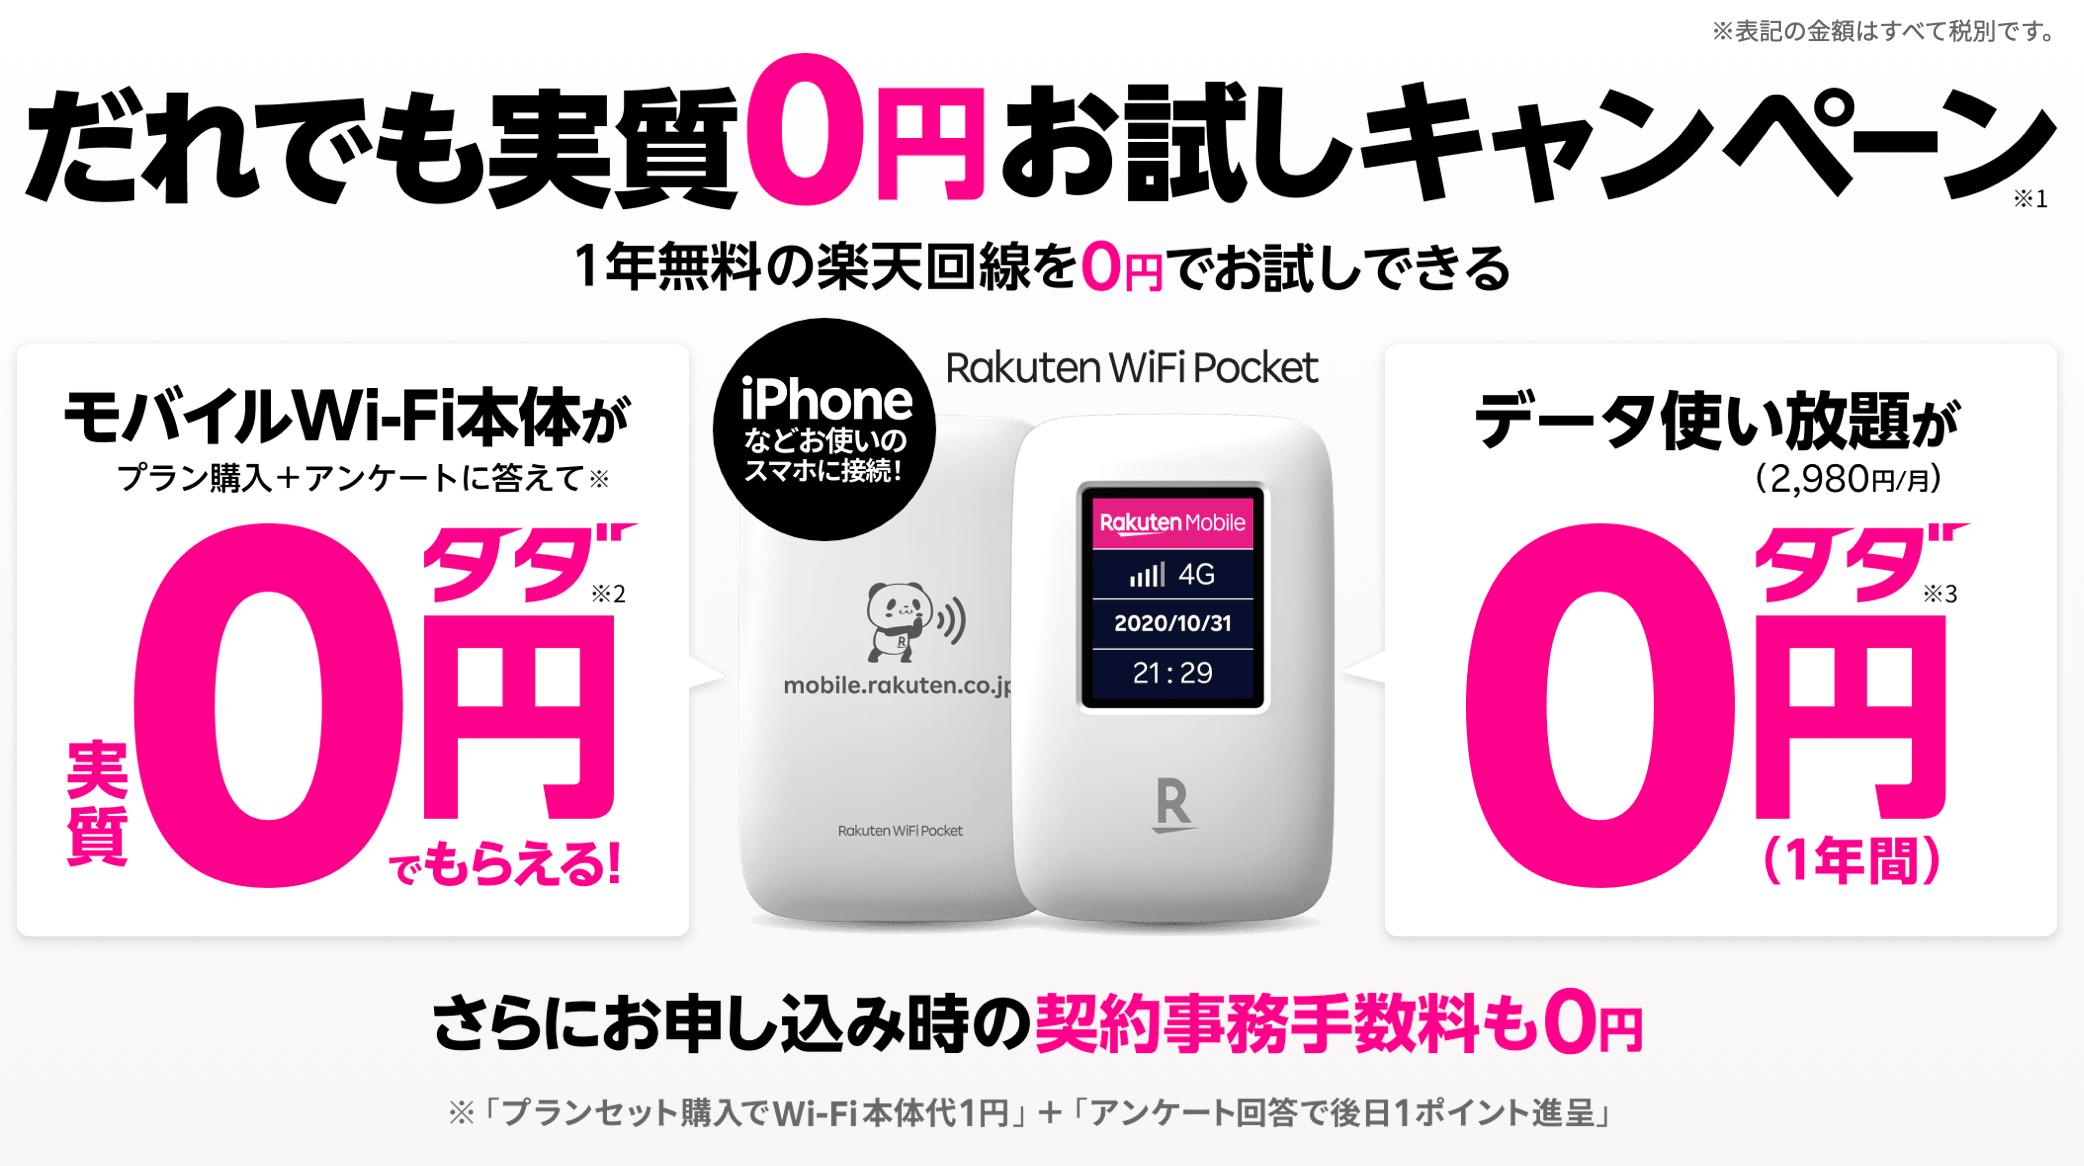 Rakuten WiFi Pocketだれでも0円お試しキャンペーン実施中